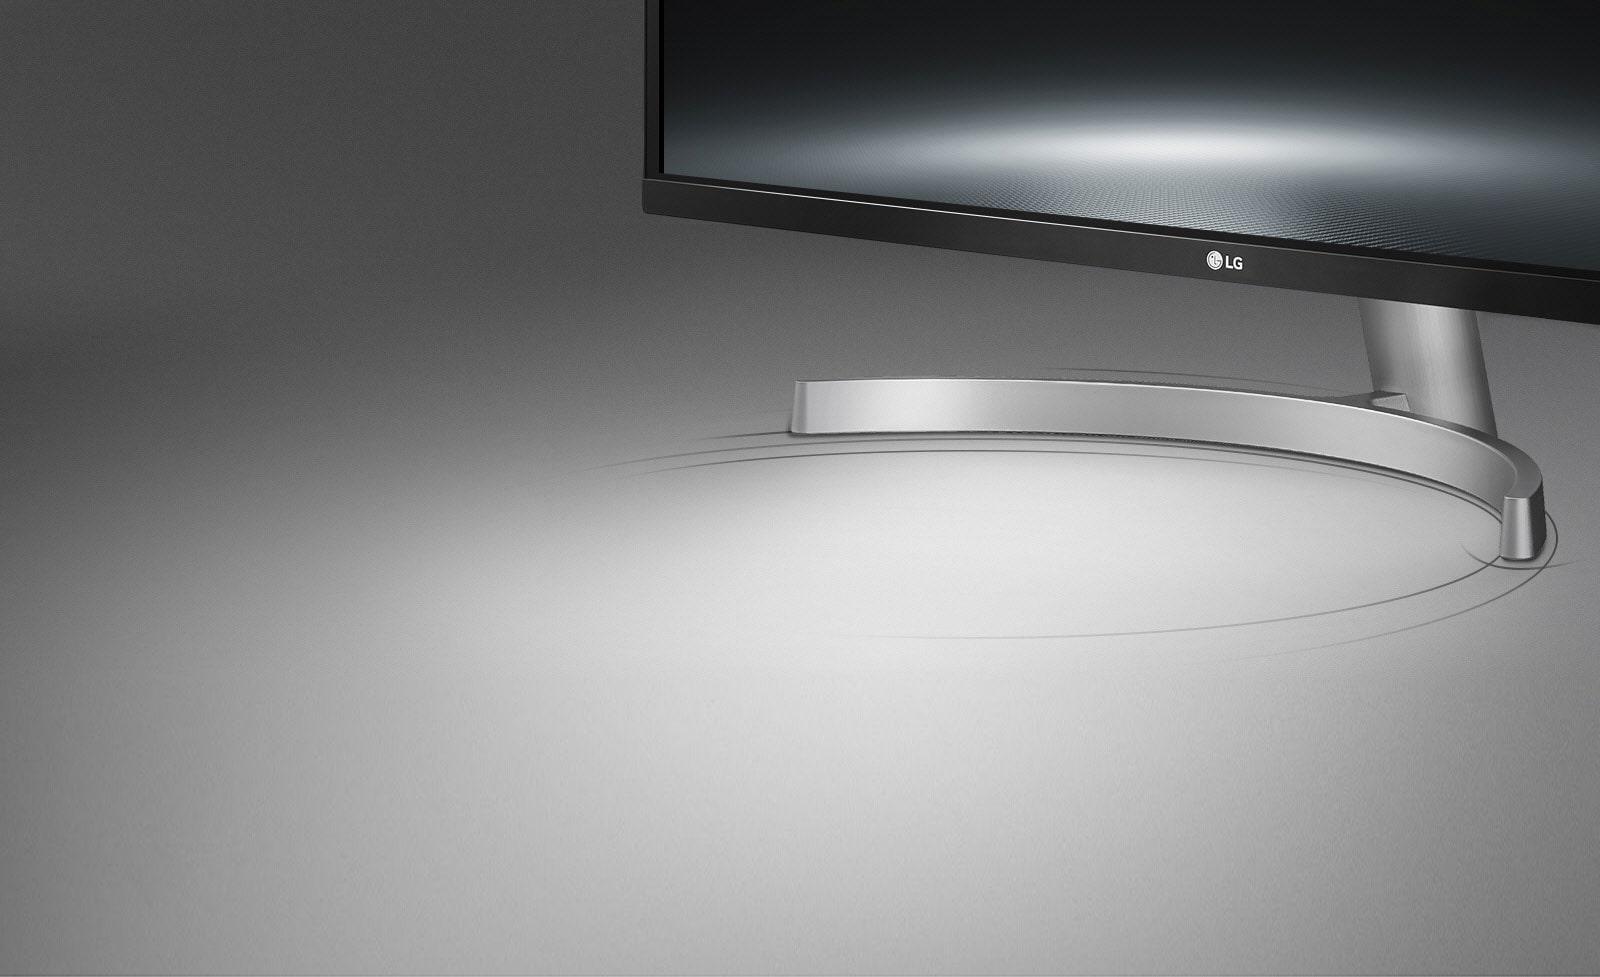 LG Monitors - Sleek Design